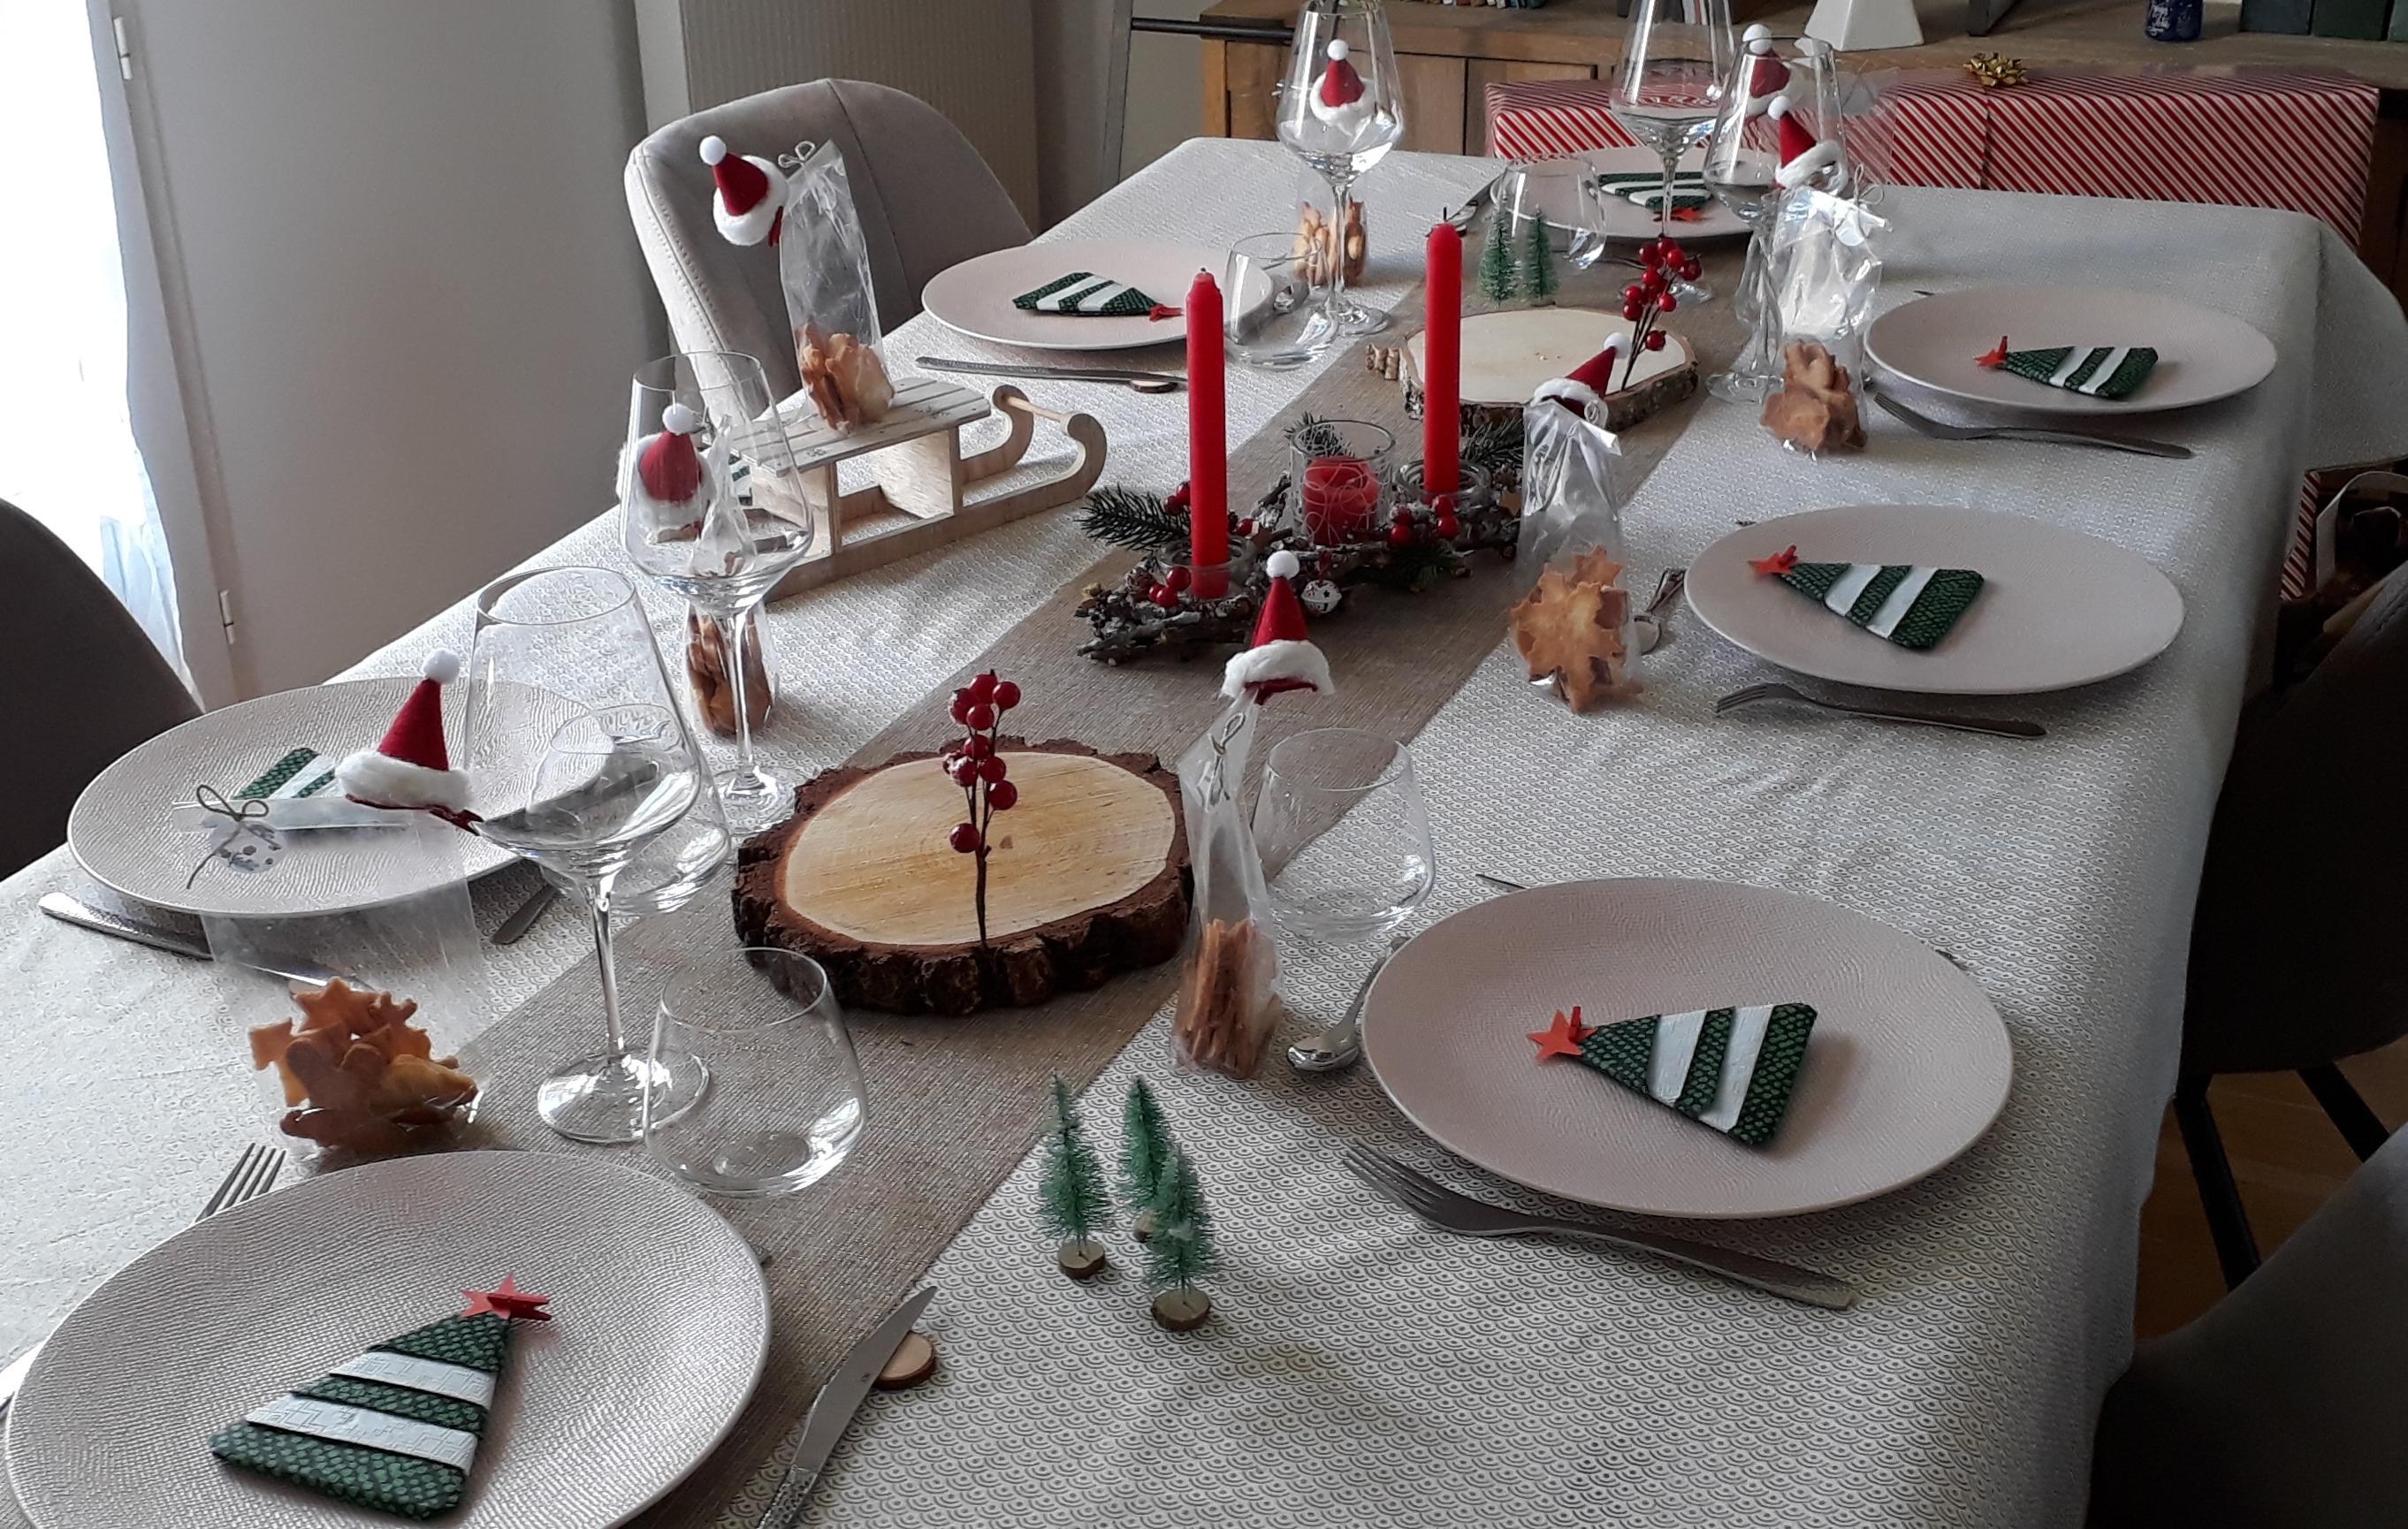 J'ai testé pour vous les Rondins de bois dessous de plats /bougies 22cm